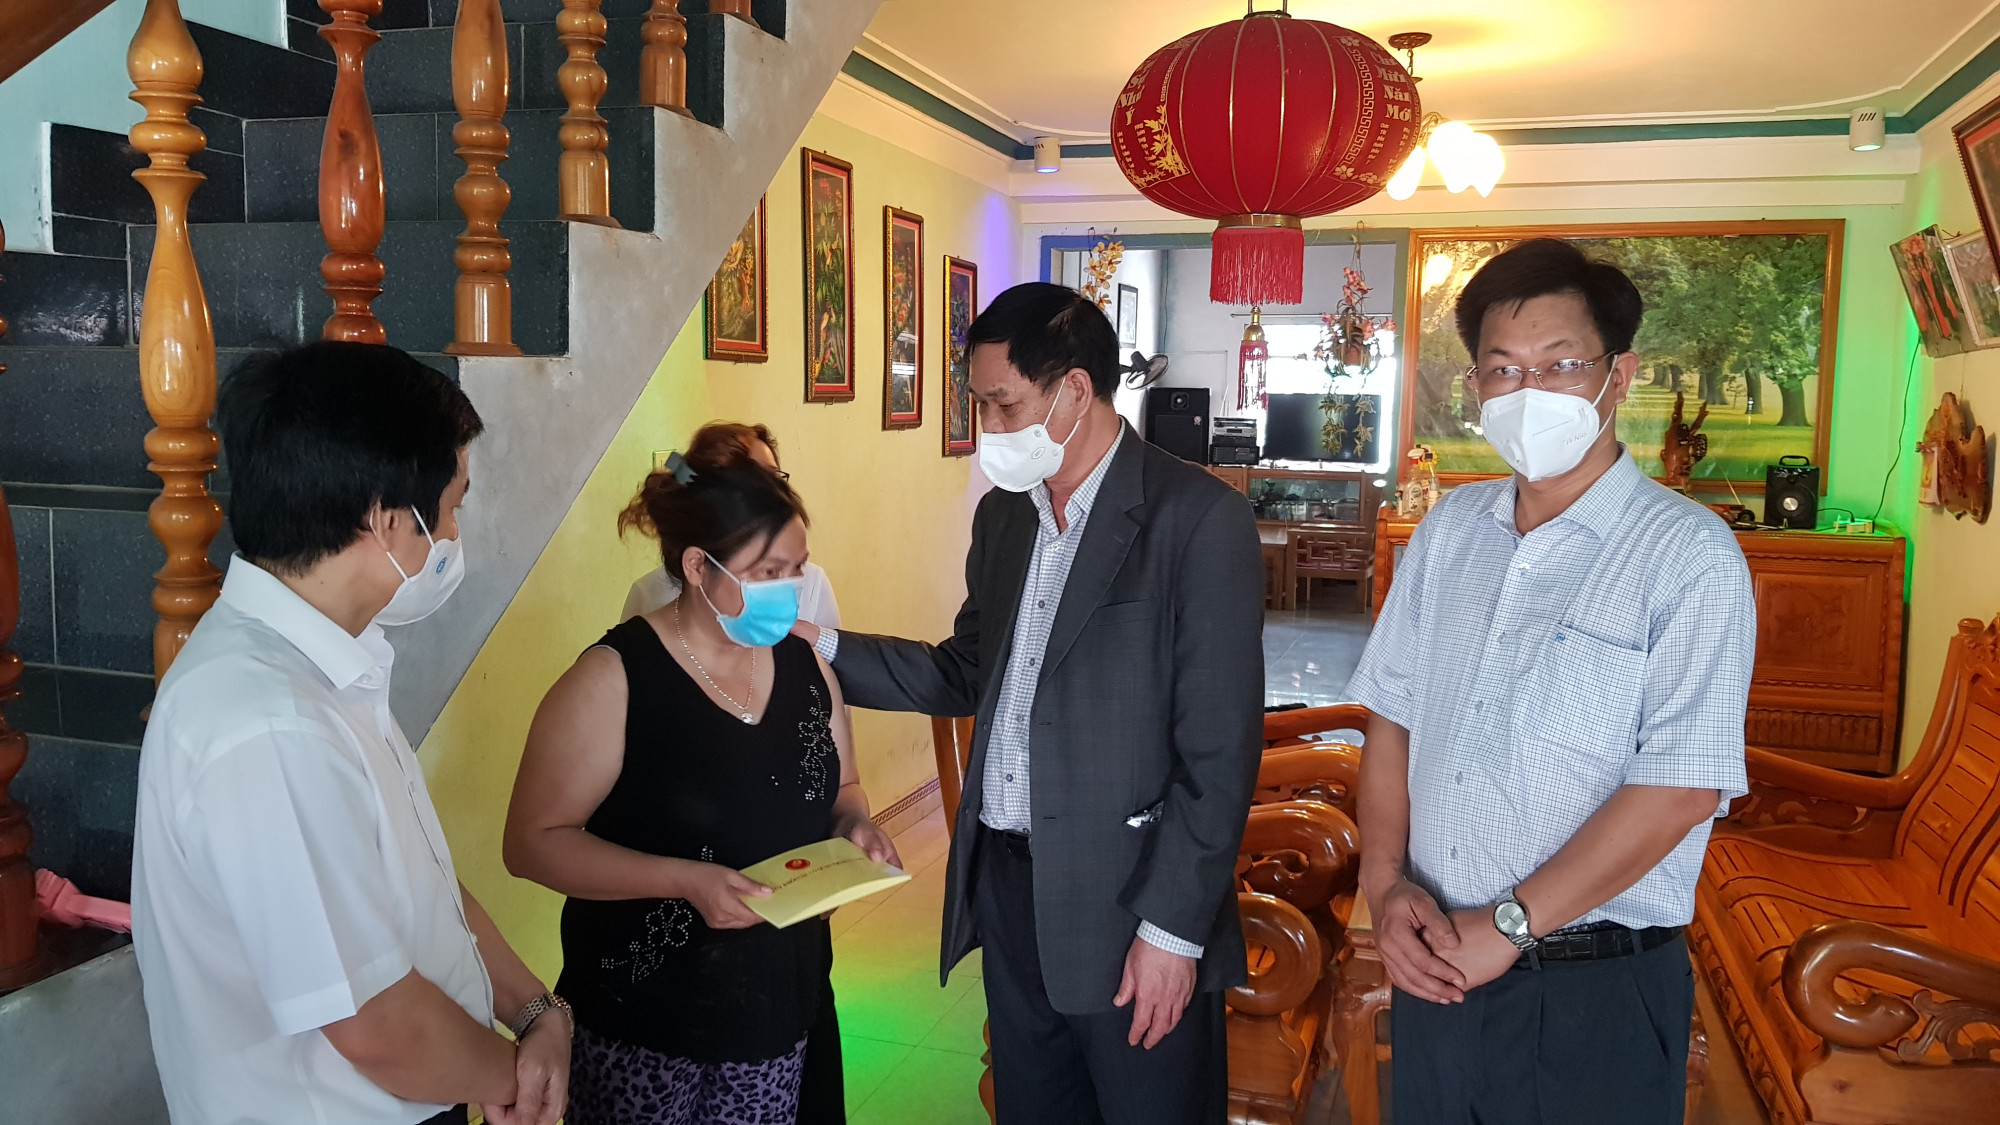 Đồng chí Huỳnh Tấn Việt thăm, động viên một số bếp ăn thiện nguyện ở thị xã Đông Hòa